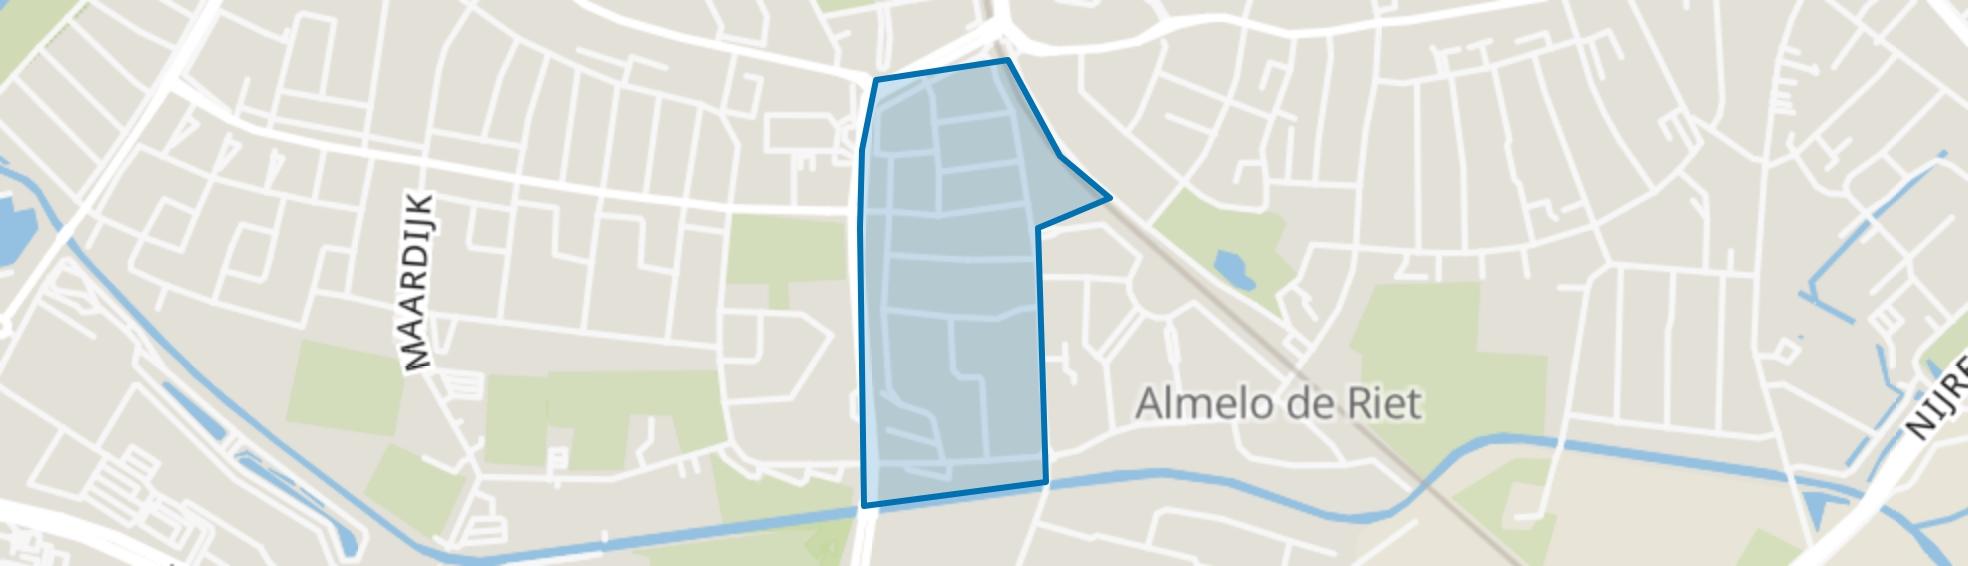 Ossenkoppelerhoek-Oost, Almelo map